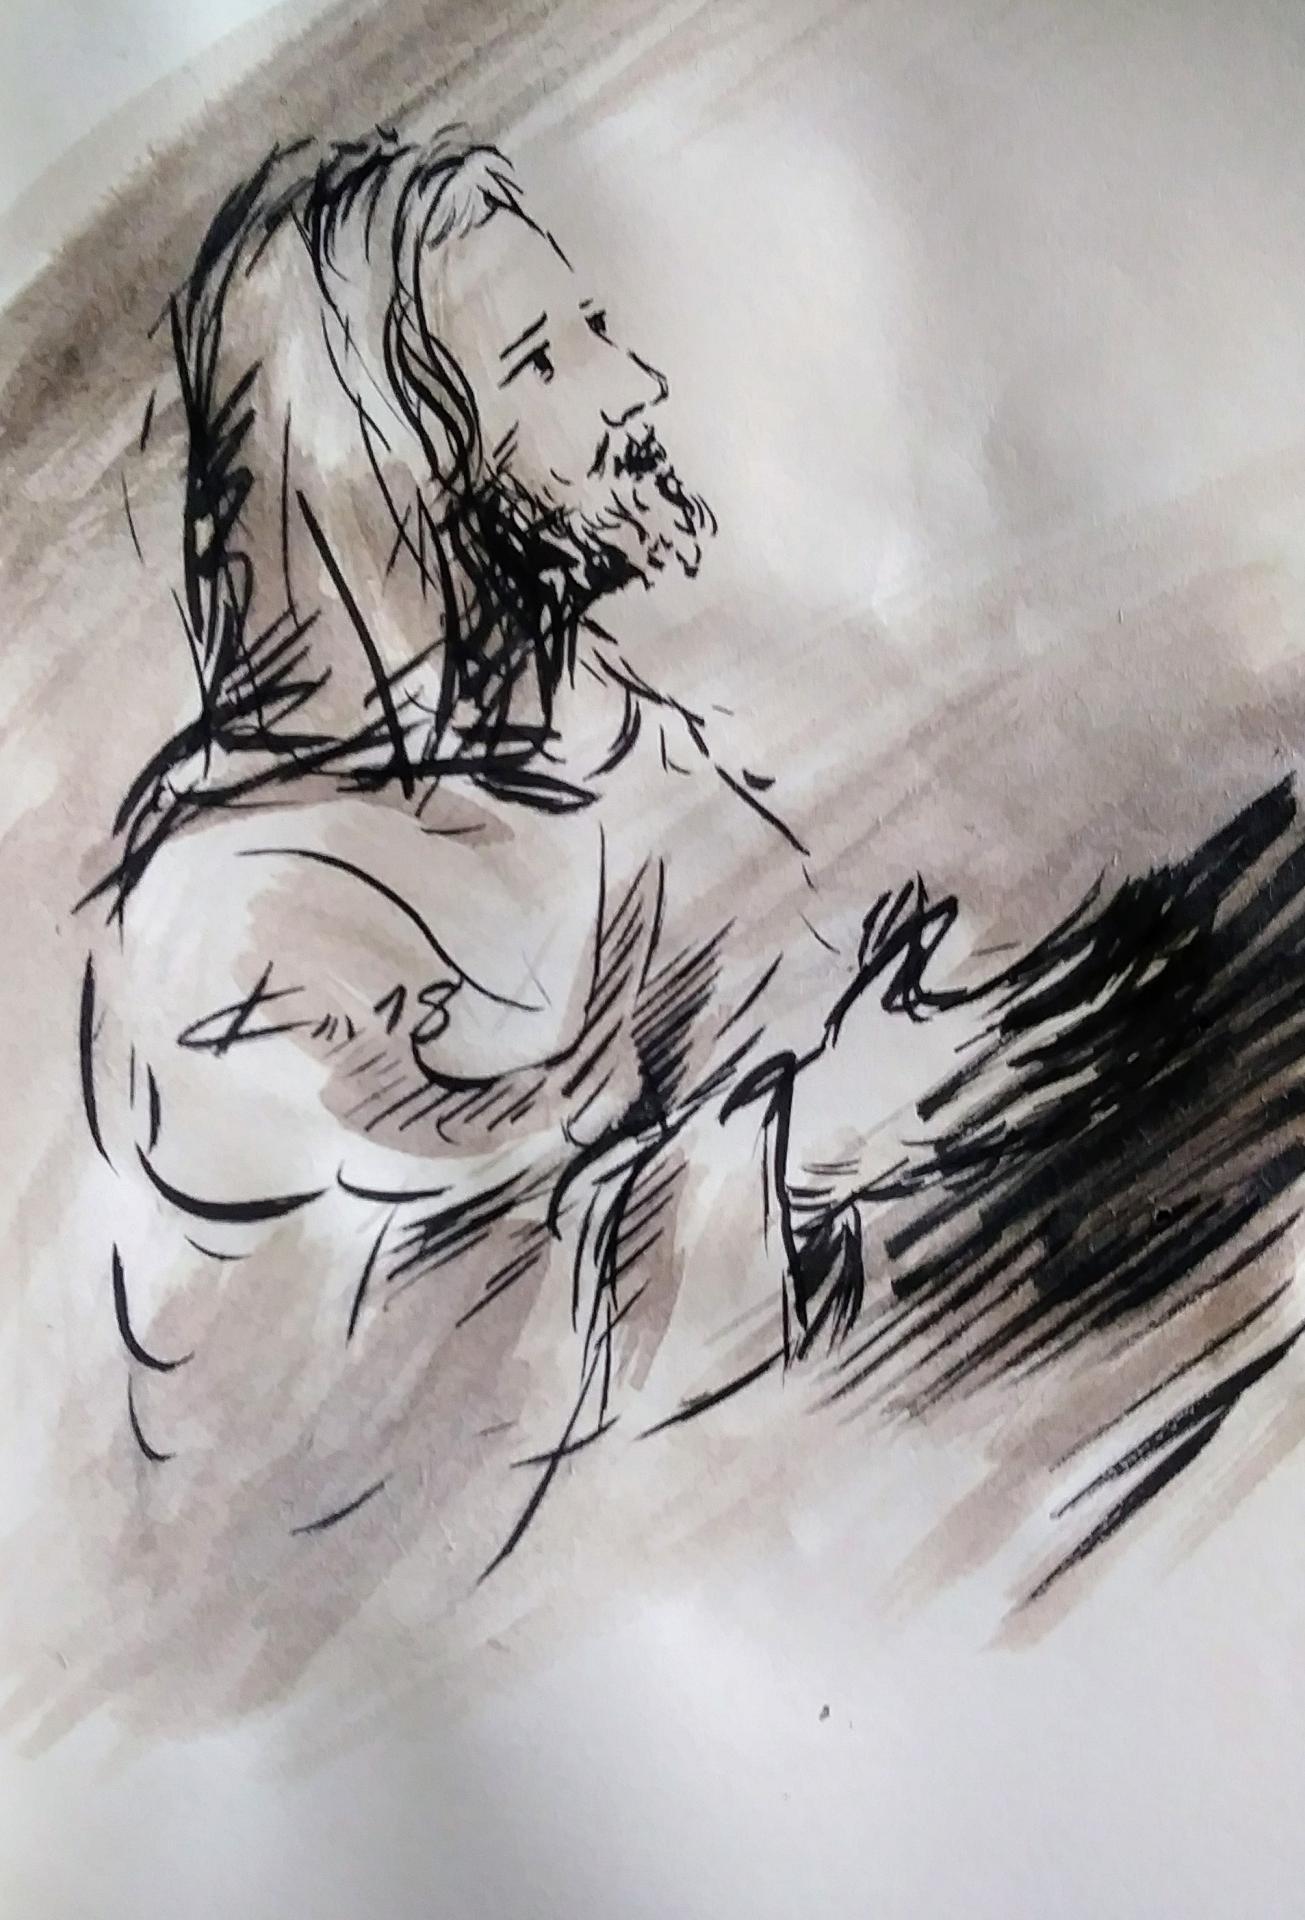 3 Mai 2018, évangile du jour illustré par un dessin au lavis